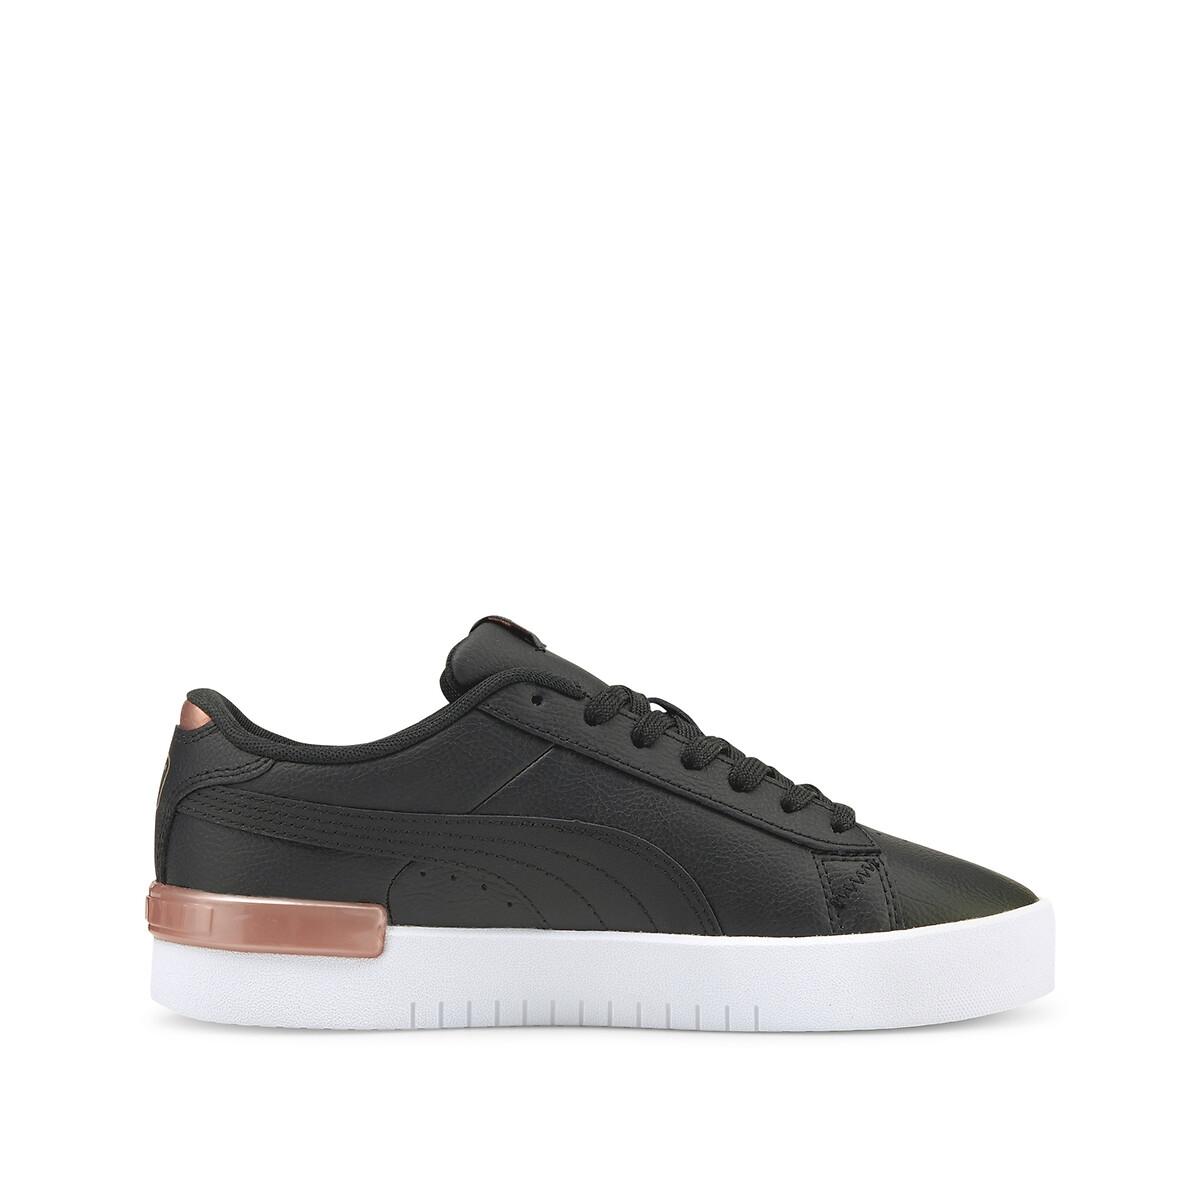 Puma Jada sneakers zwart/roségoud/wit online kopen